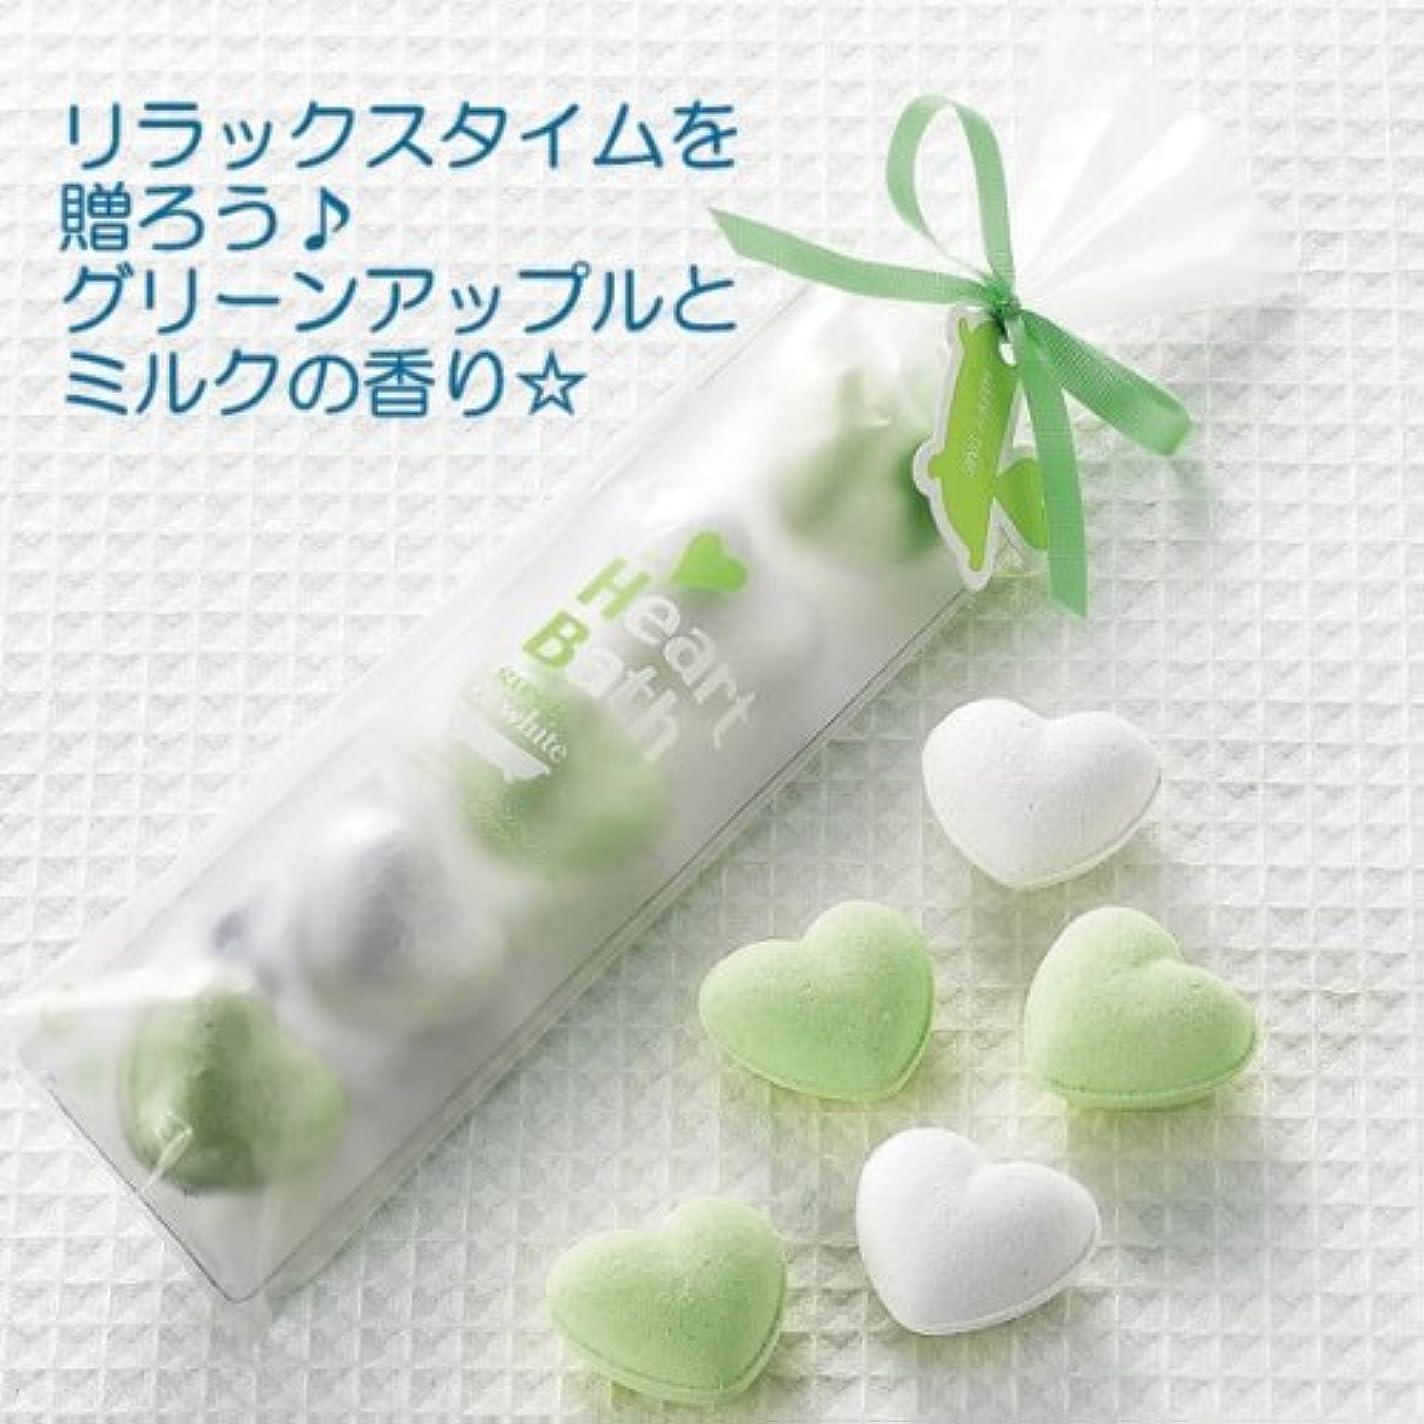 不足配列ケーキハート型の入浴剤グリーンアップル&ミルク